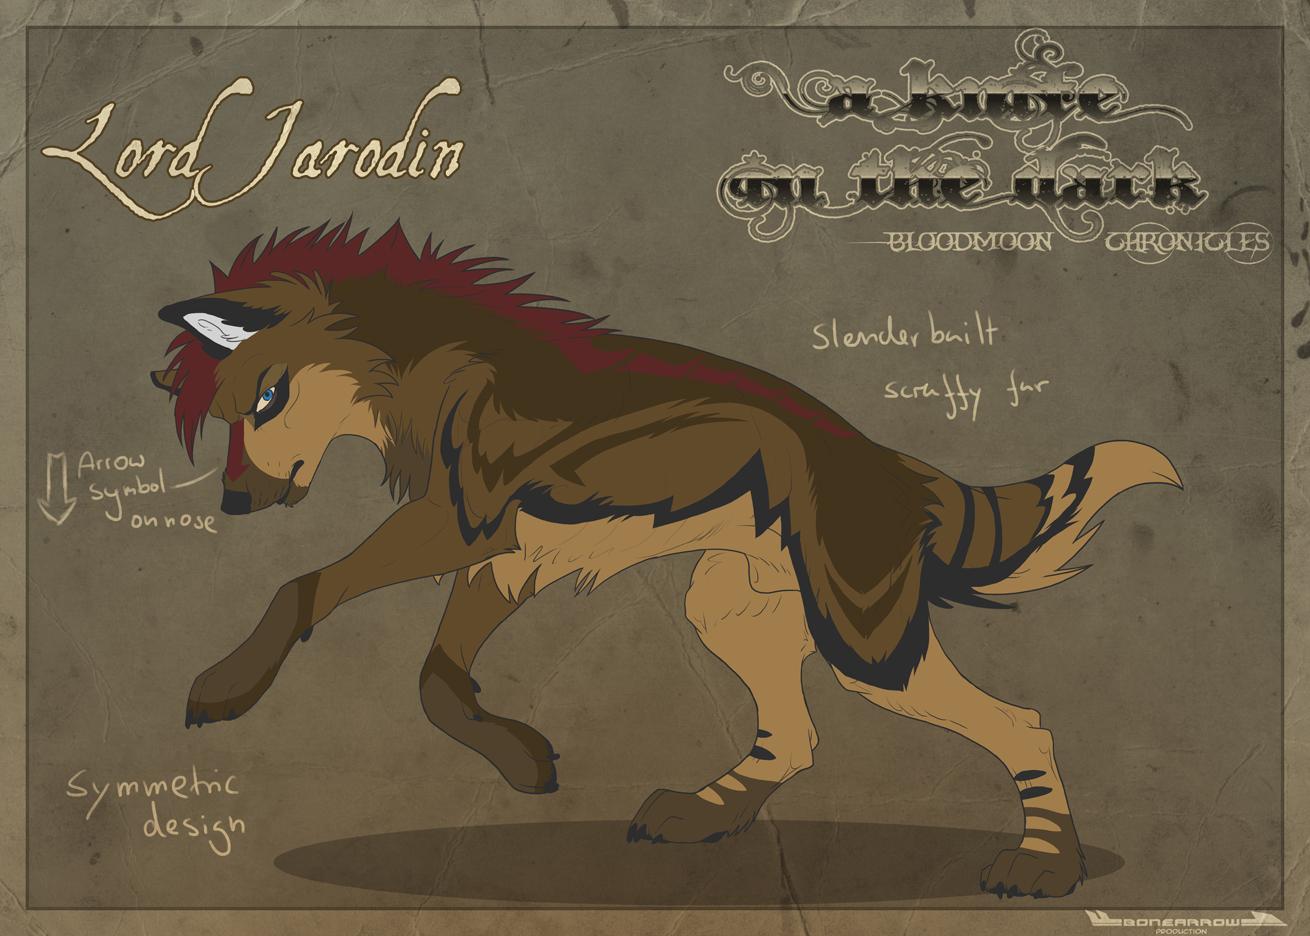 dddsssssss Akitd__lord_jarodin_cs_by_icekrystal-d4718kj